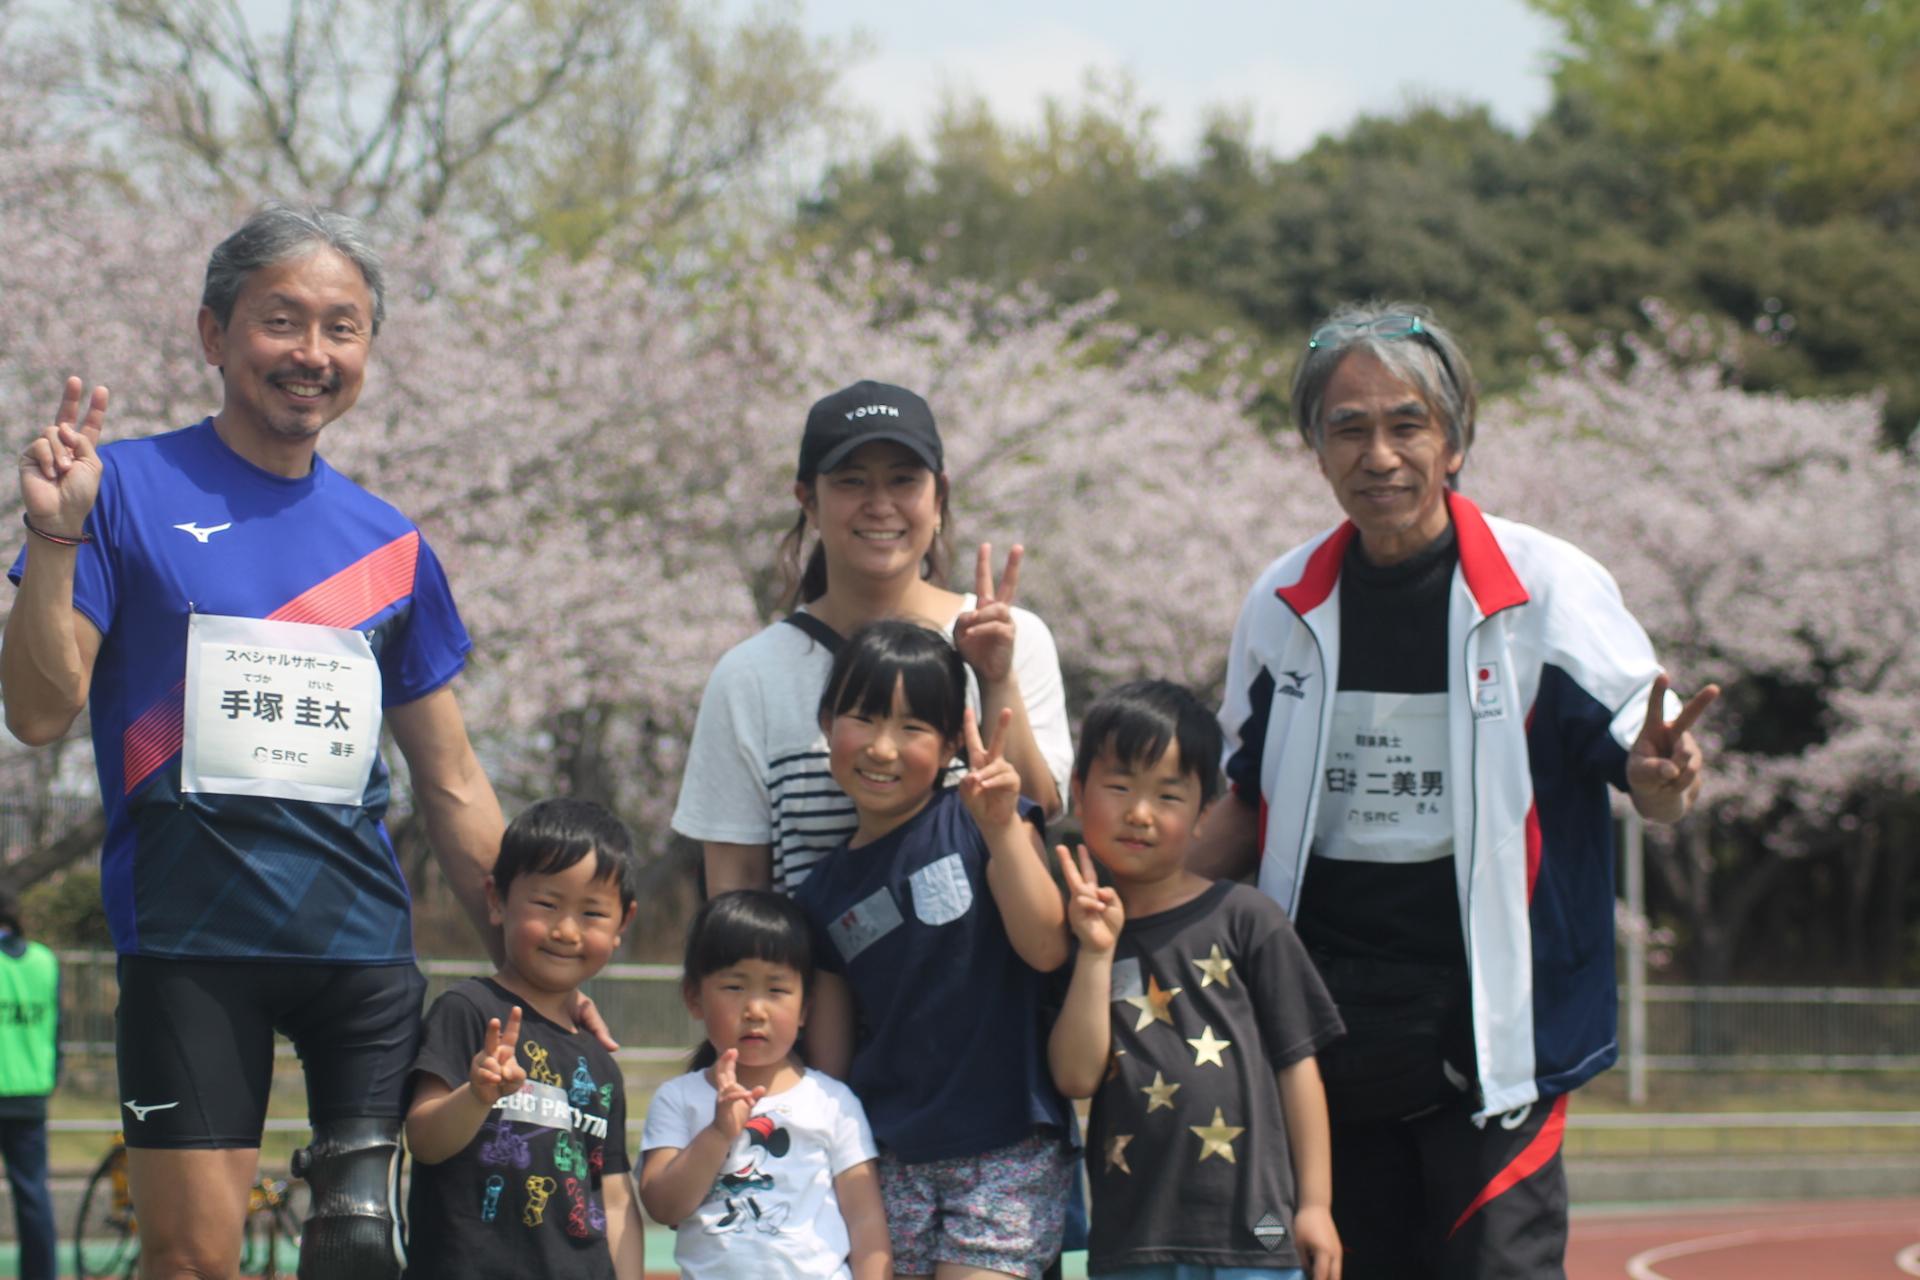 義足のアスリートやトップ選手をサポートする義肢装具士さんらと記念撮影する参加者